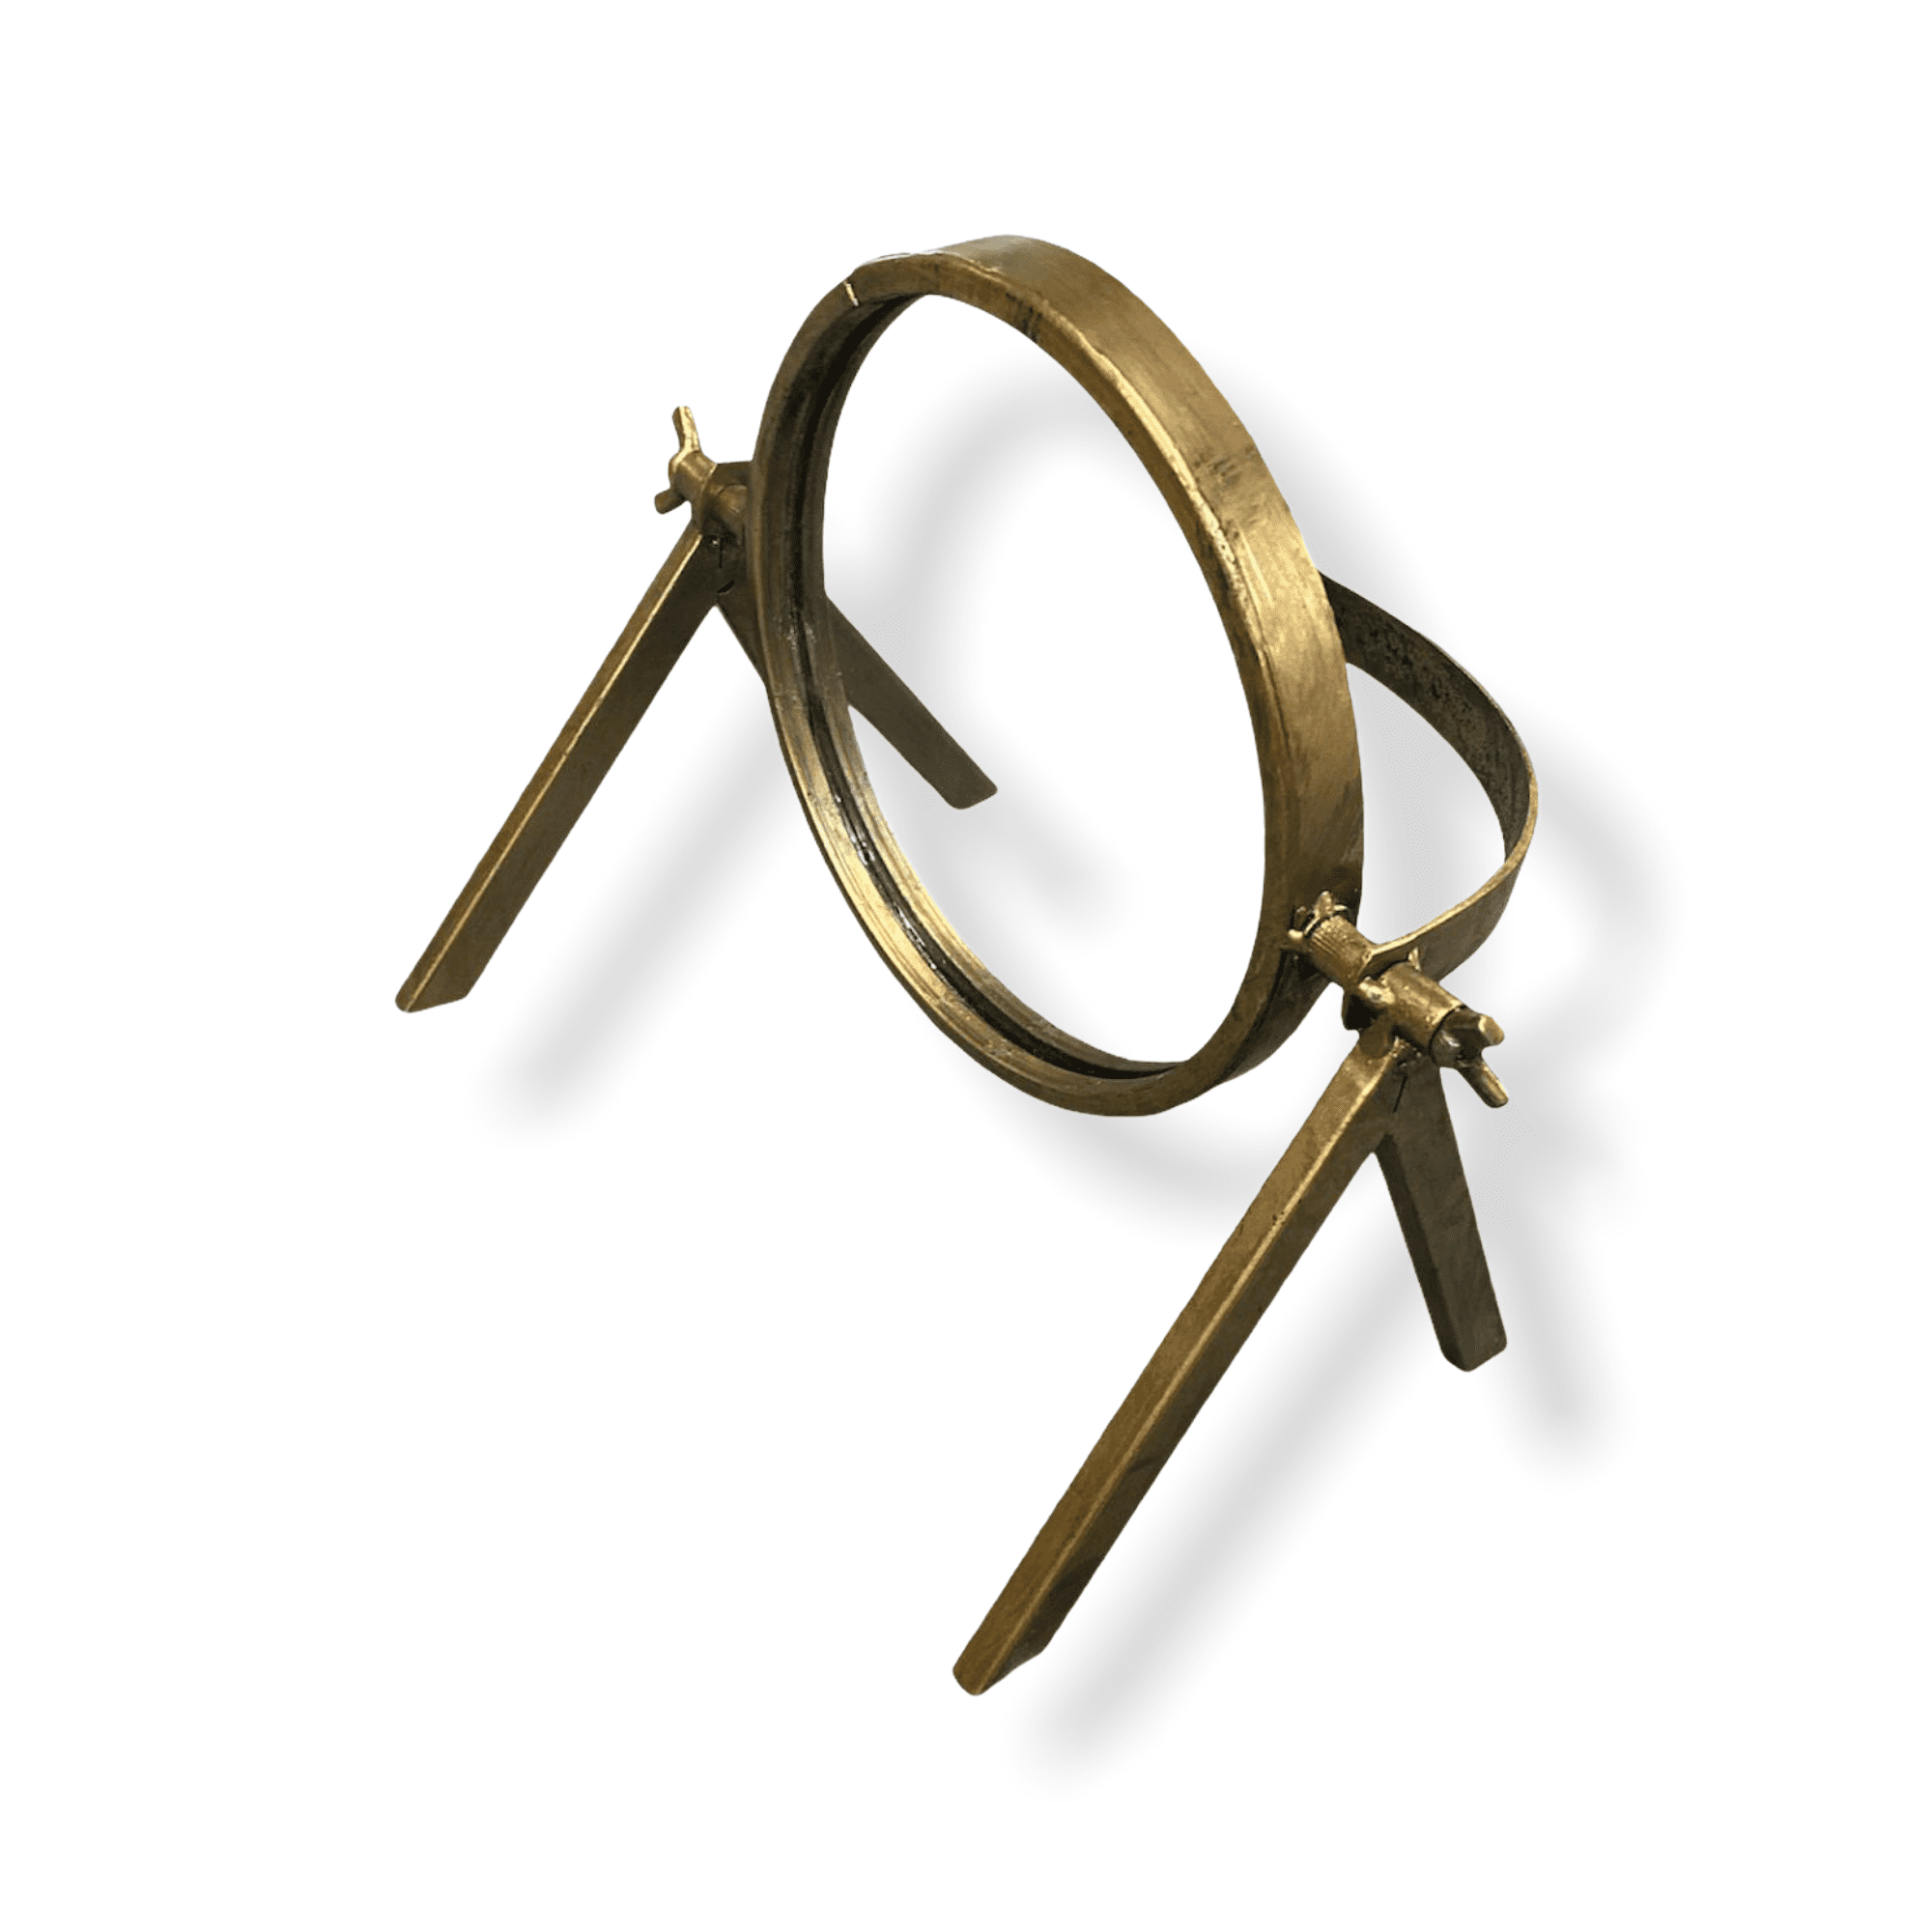 Tisch-Spiegel gold